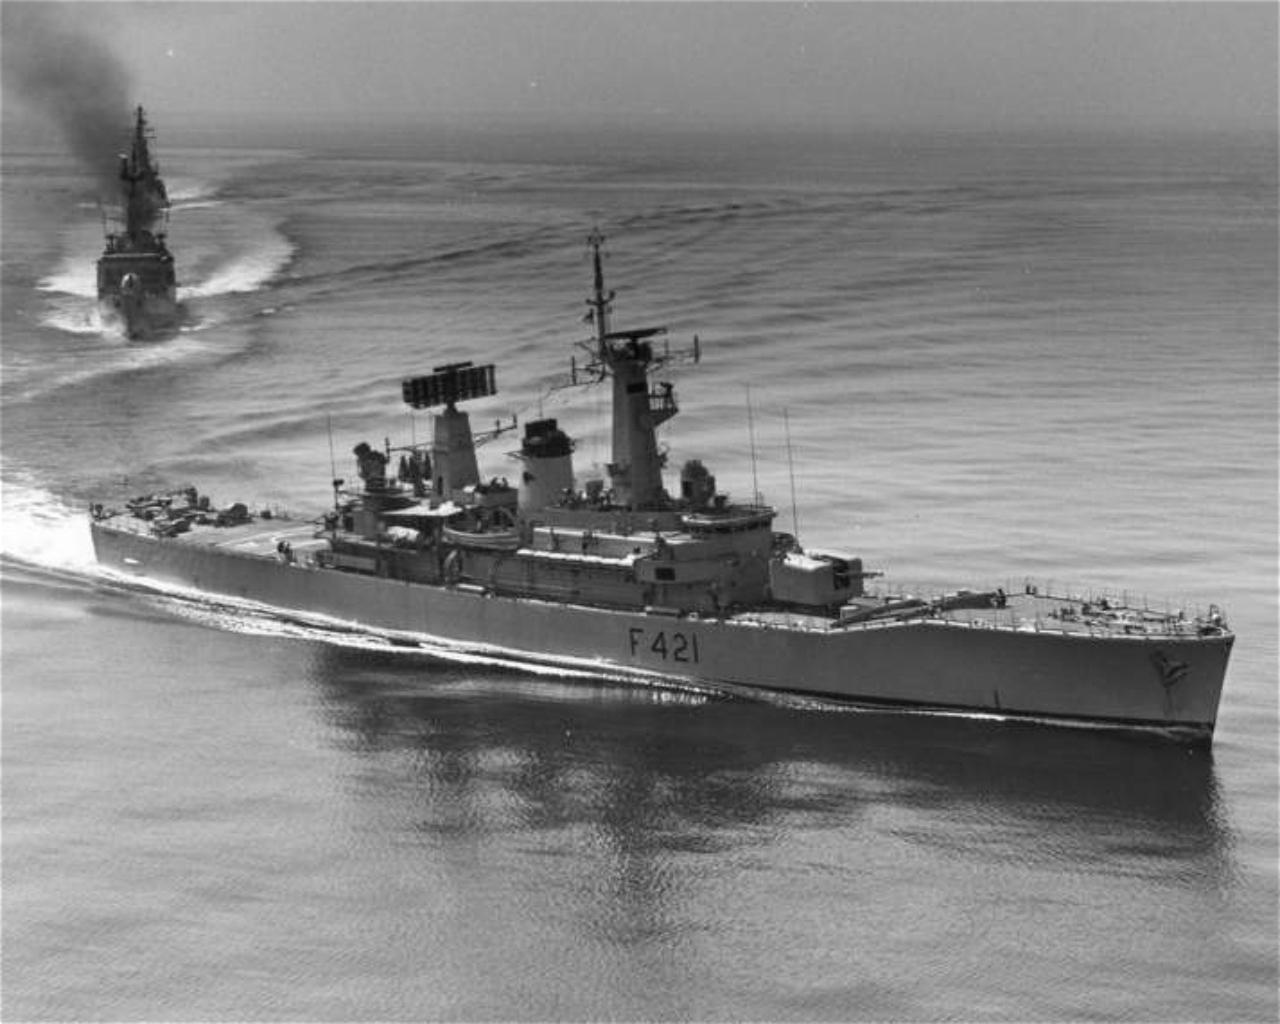 HMNZS Canterbury (Wreck)